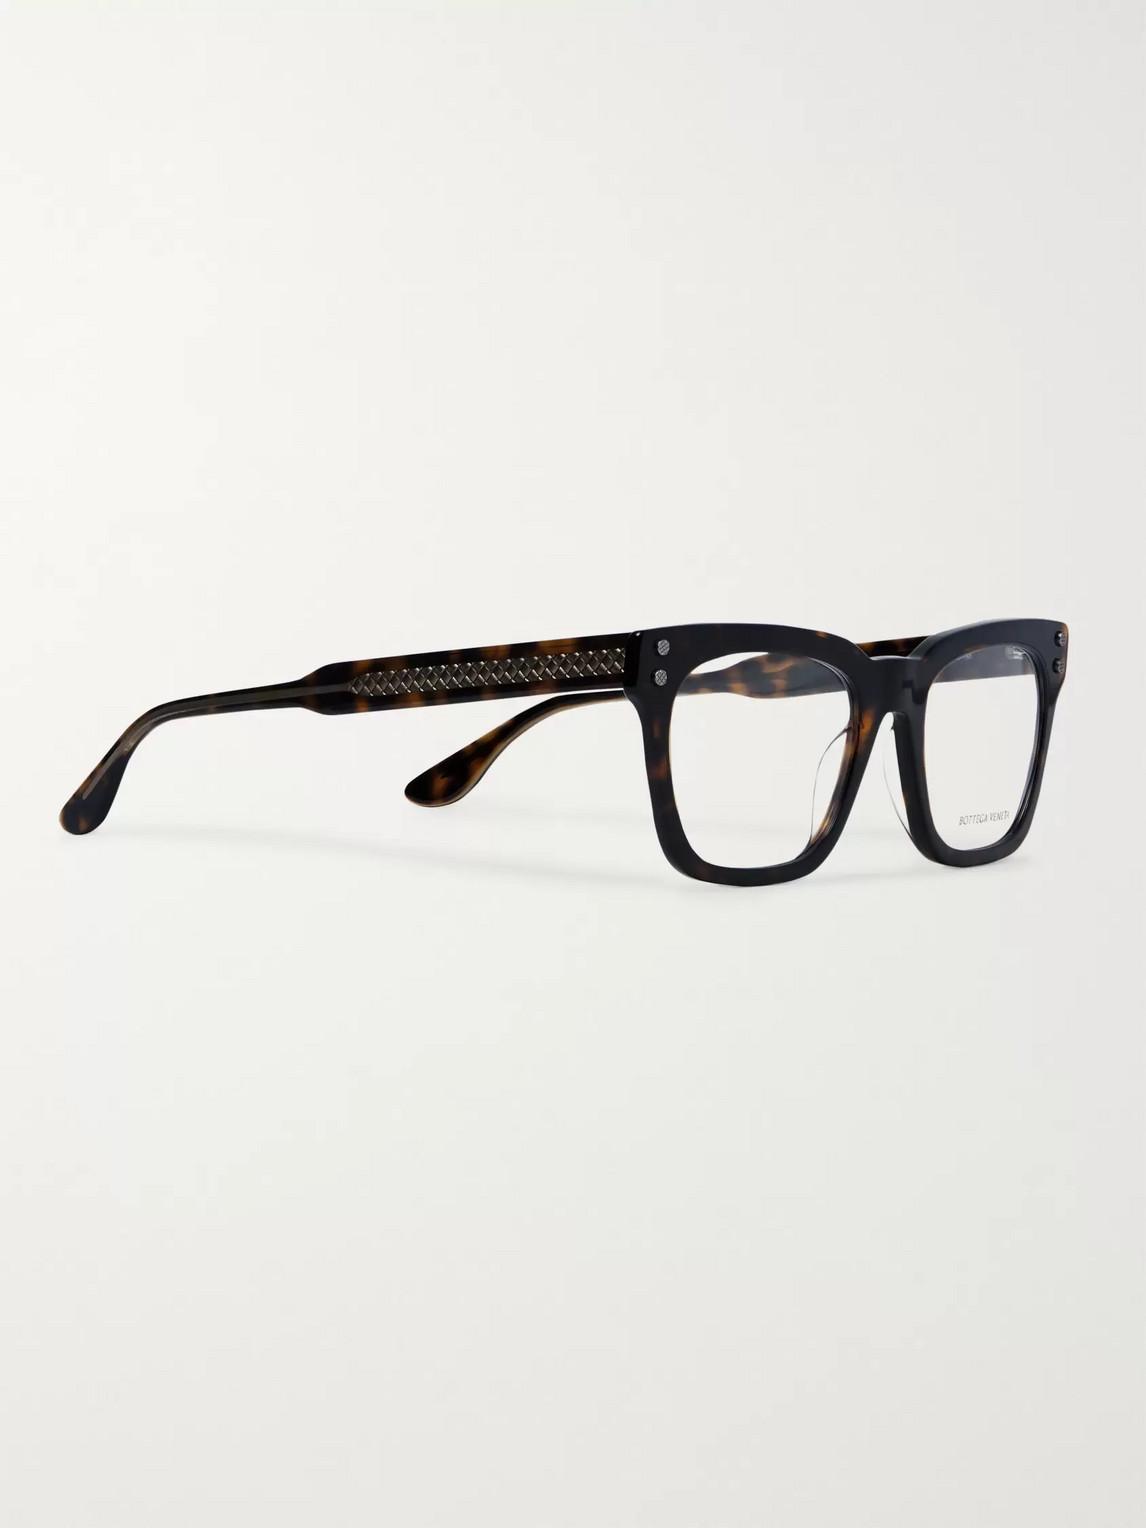 Bottega Veneta Opticals SQUARE-FRAME TORTOISESHELL ACETATE OPTICAL GLASSES